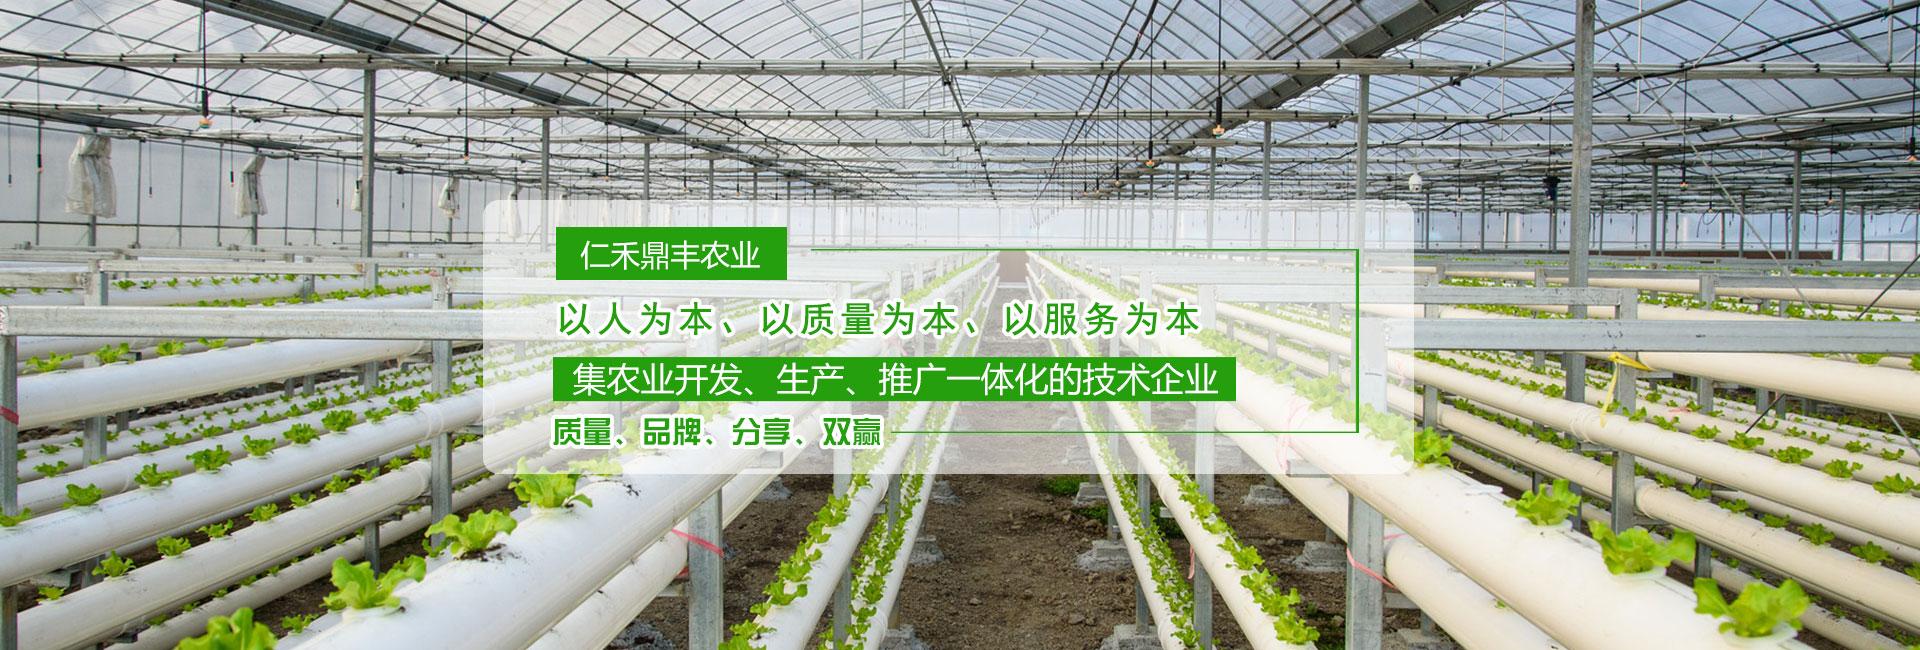 花生增产叶面肥